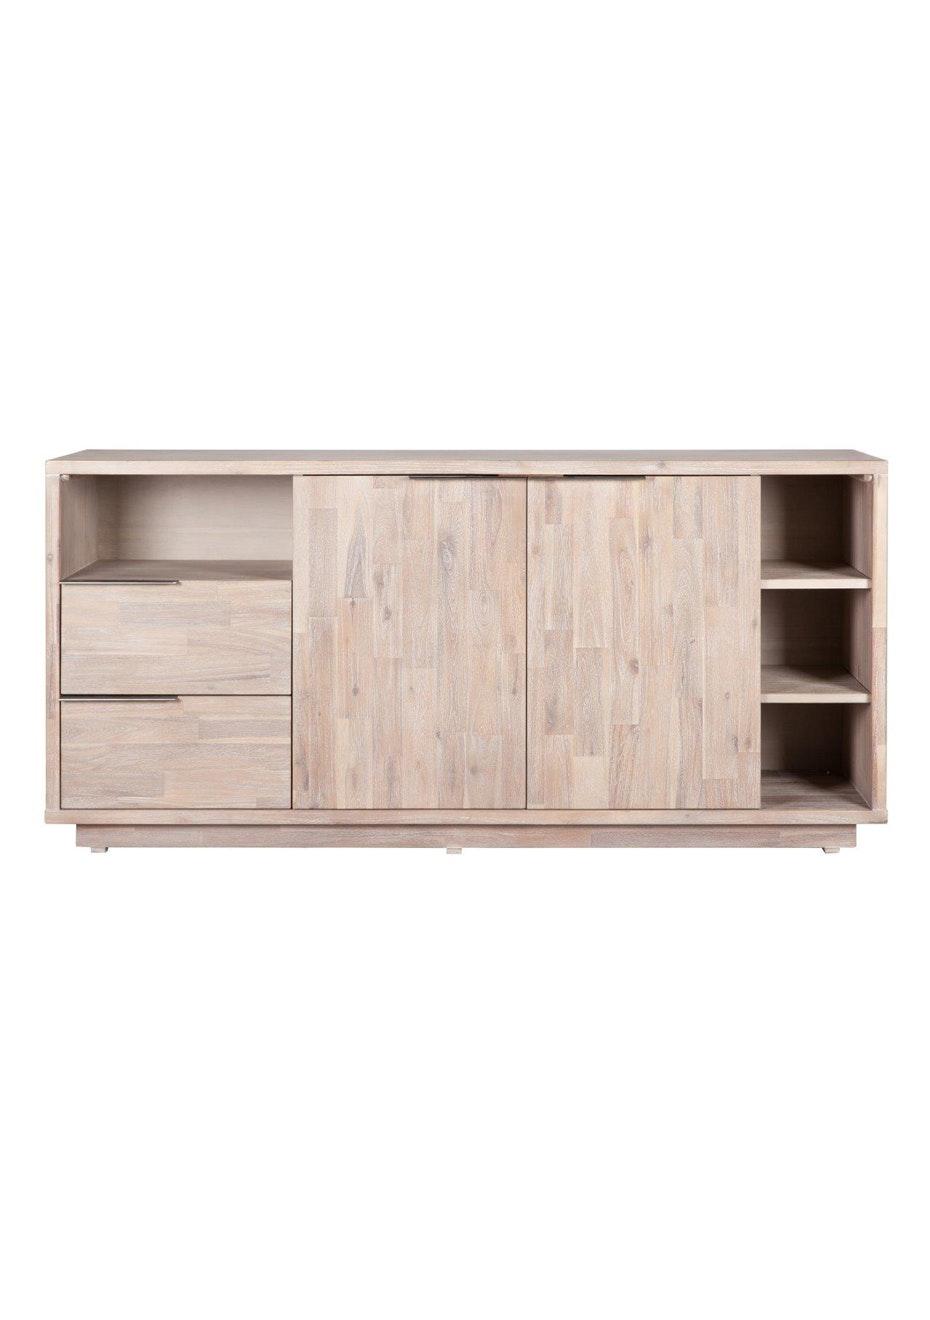 Furniture By Design - Soli Buffet